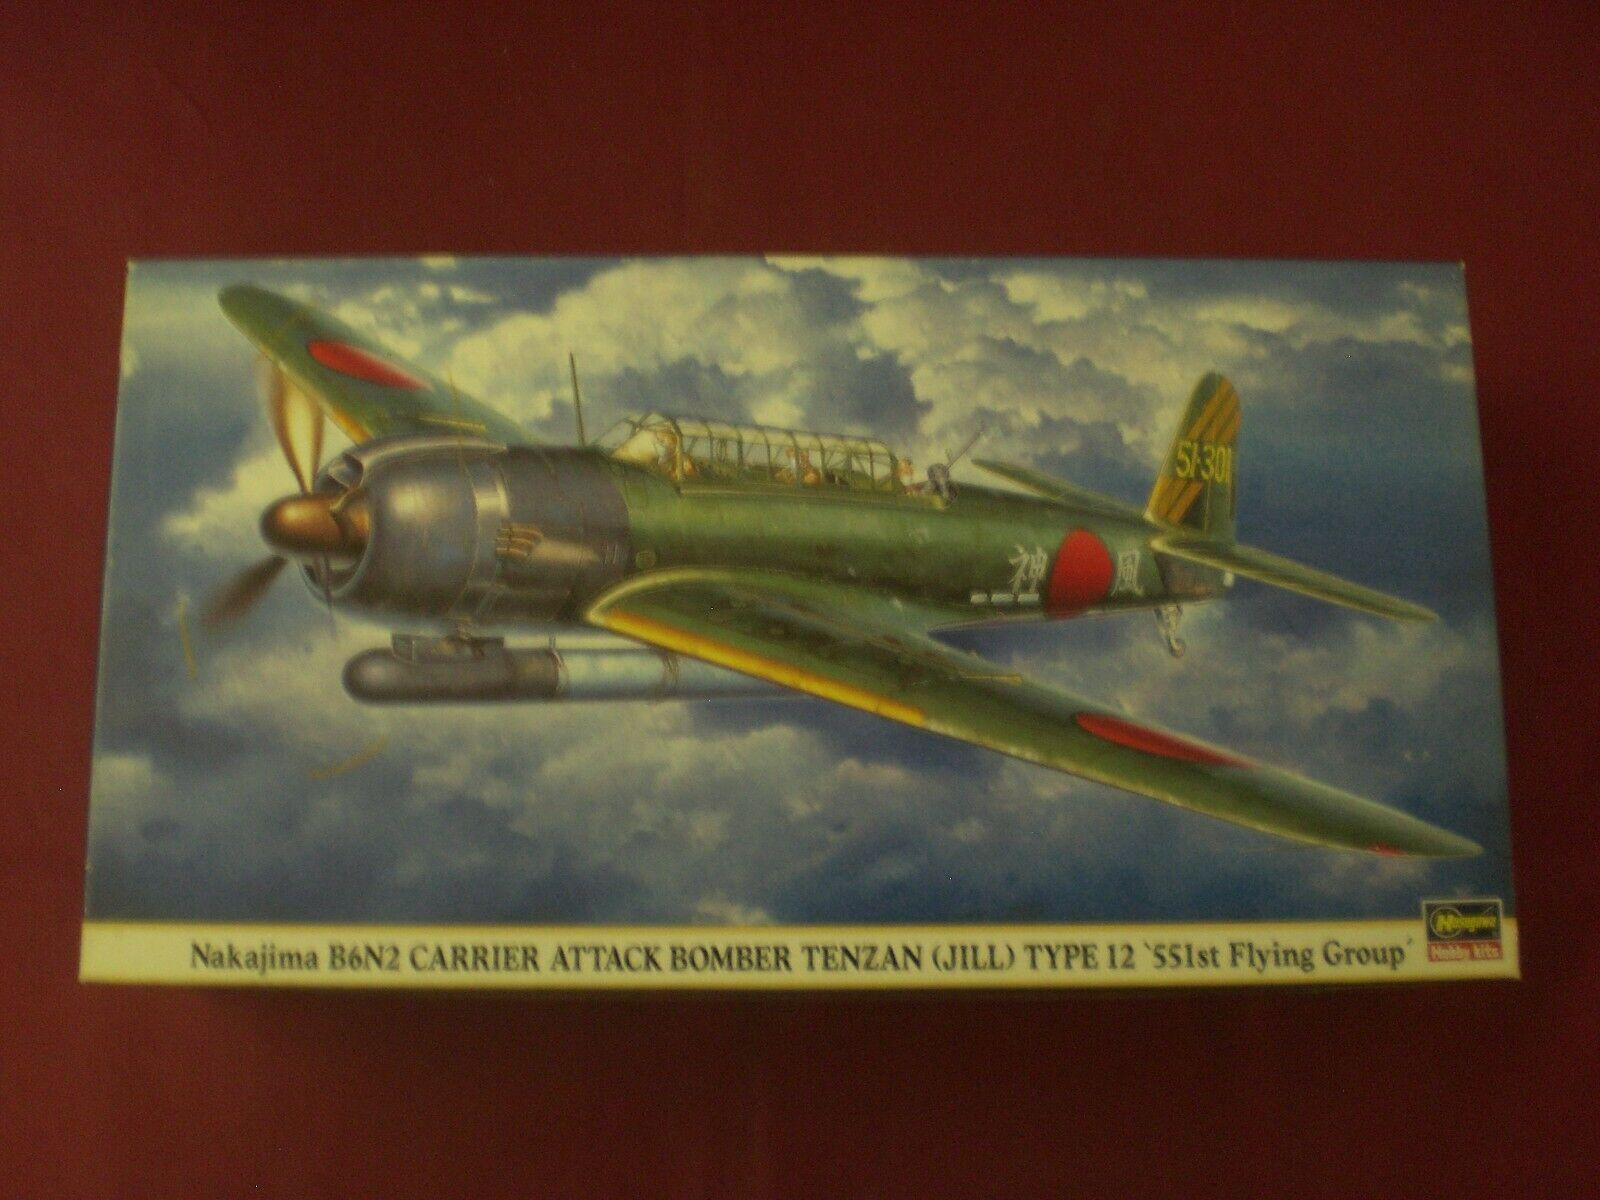 Nakajima B6N2 Carrier Attack Bomber Tenzan - SCALA 1 48 Hasegawa